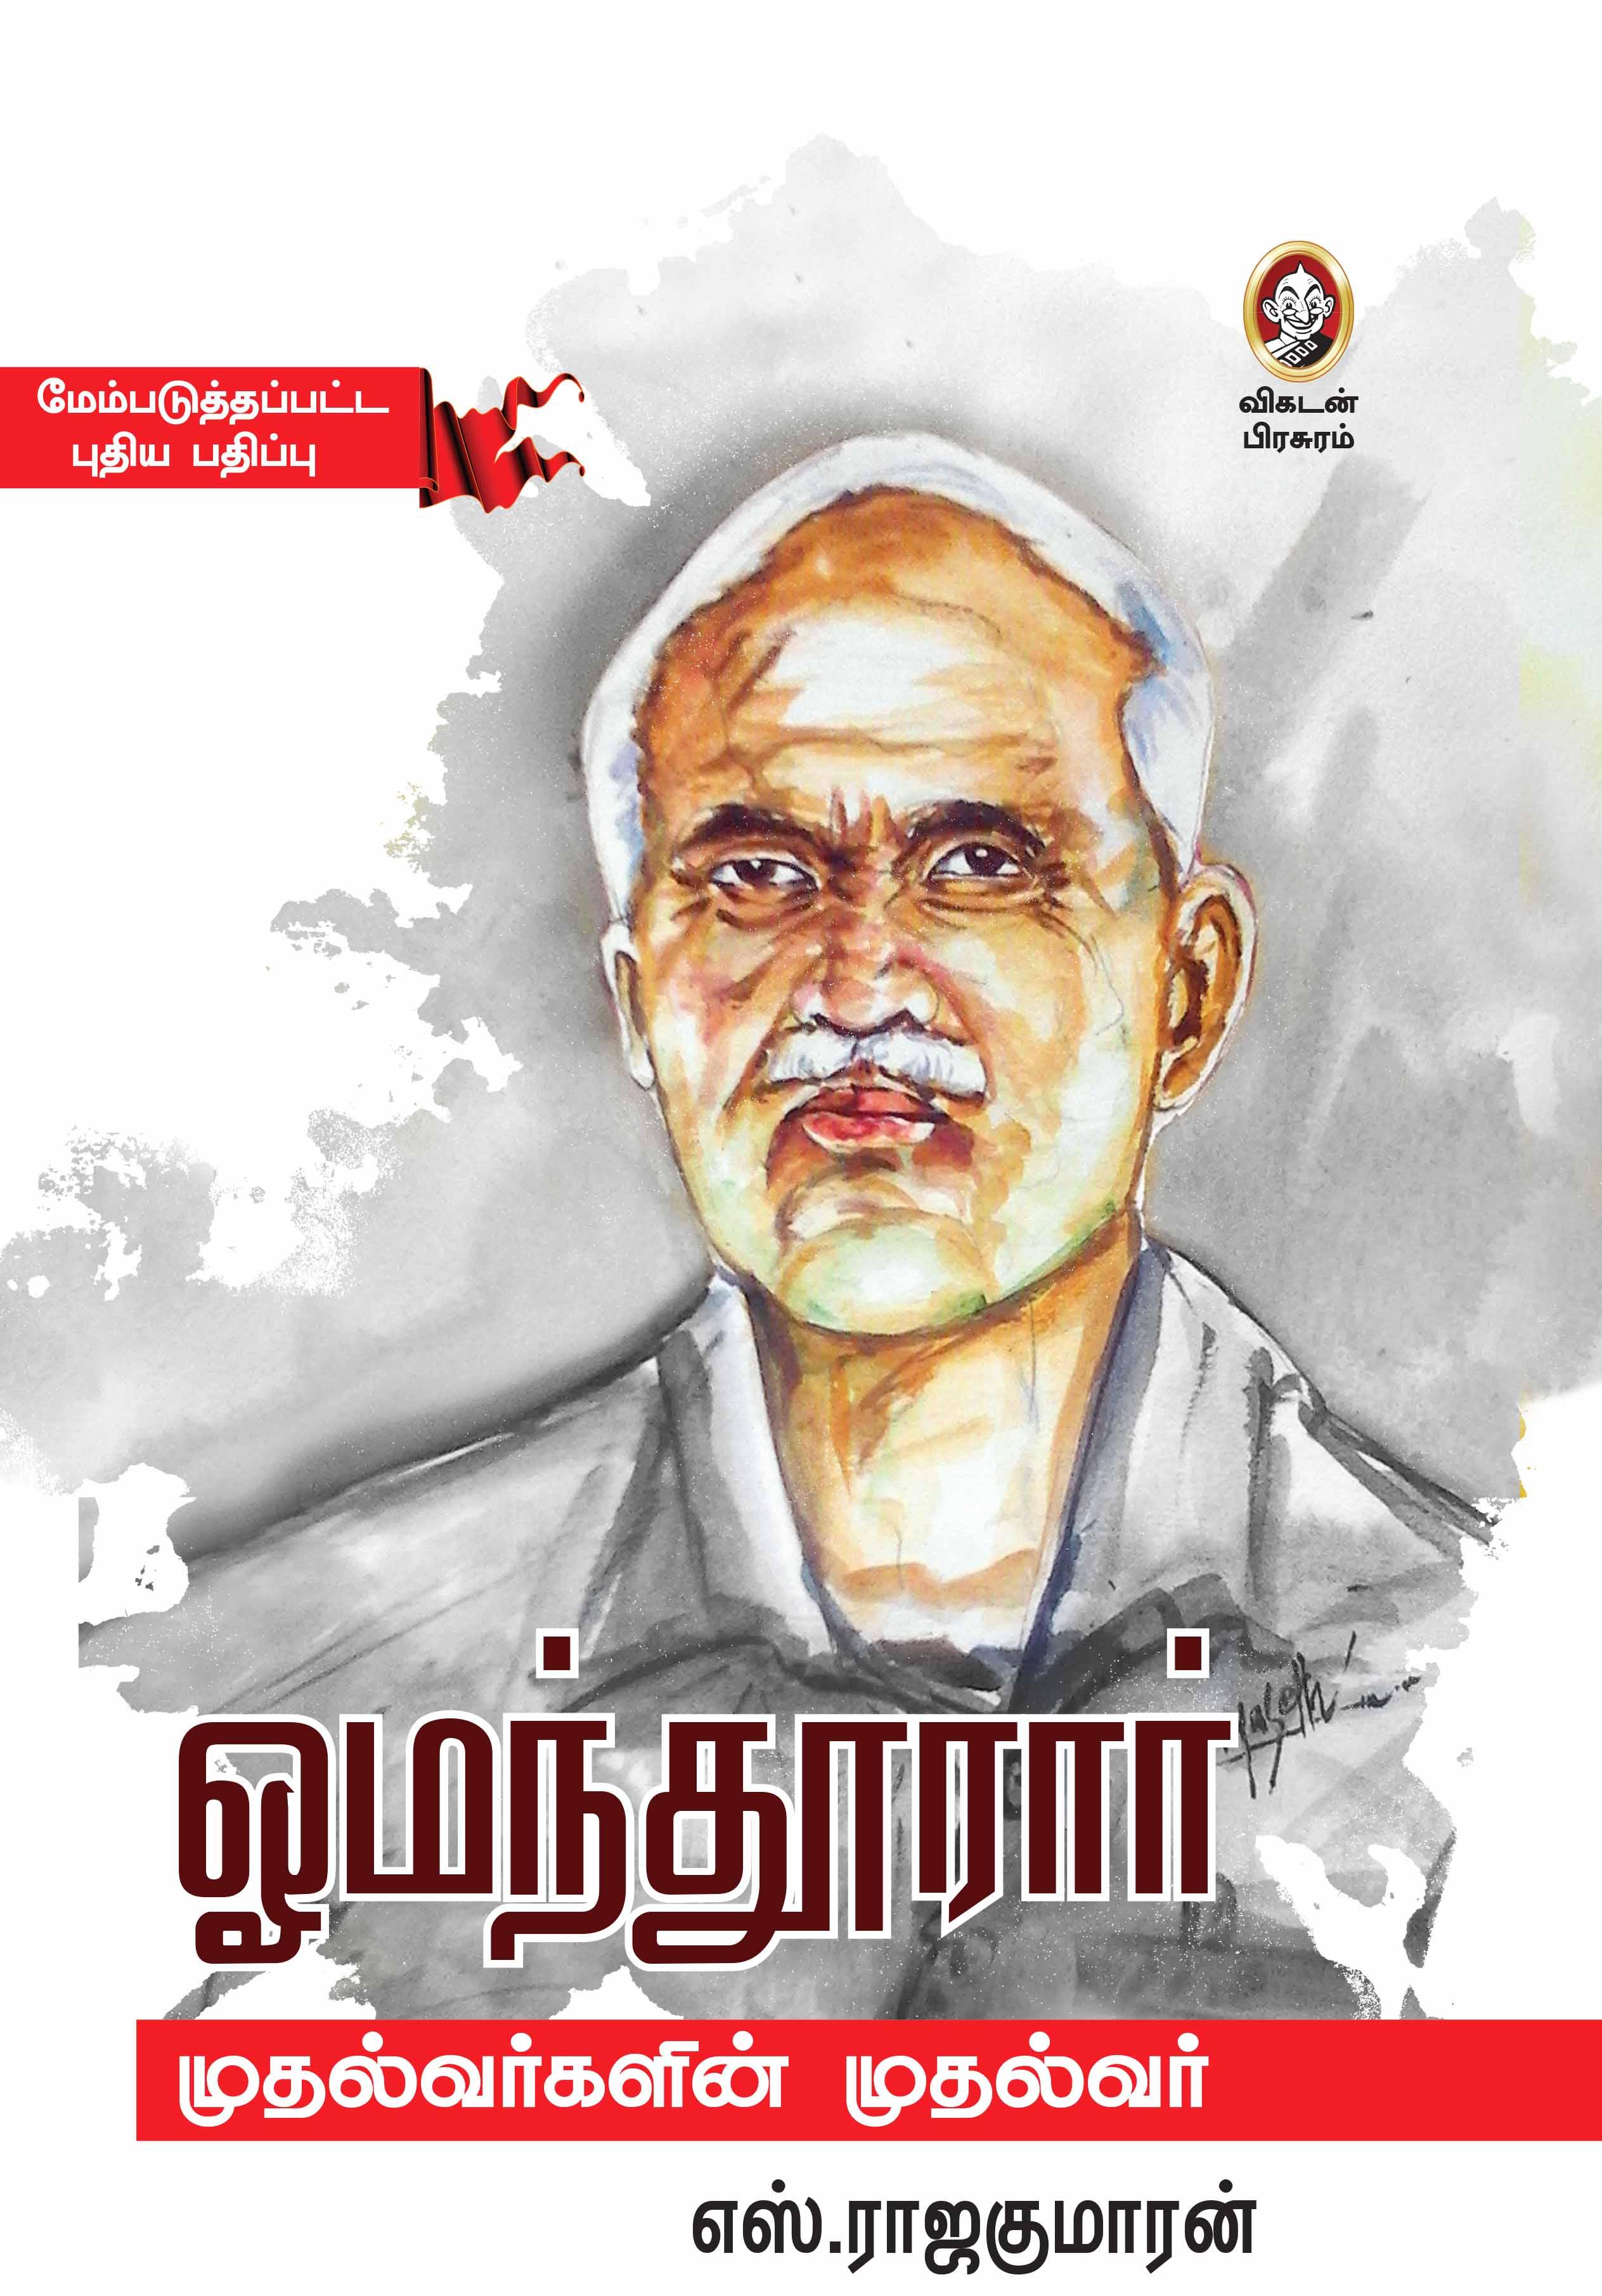 ஓமந்தூரார் - முதல்வர்களின் முதல்வர்